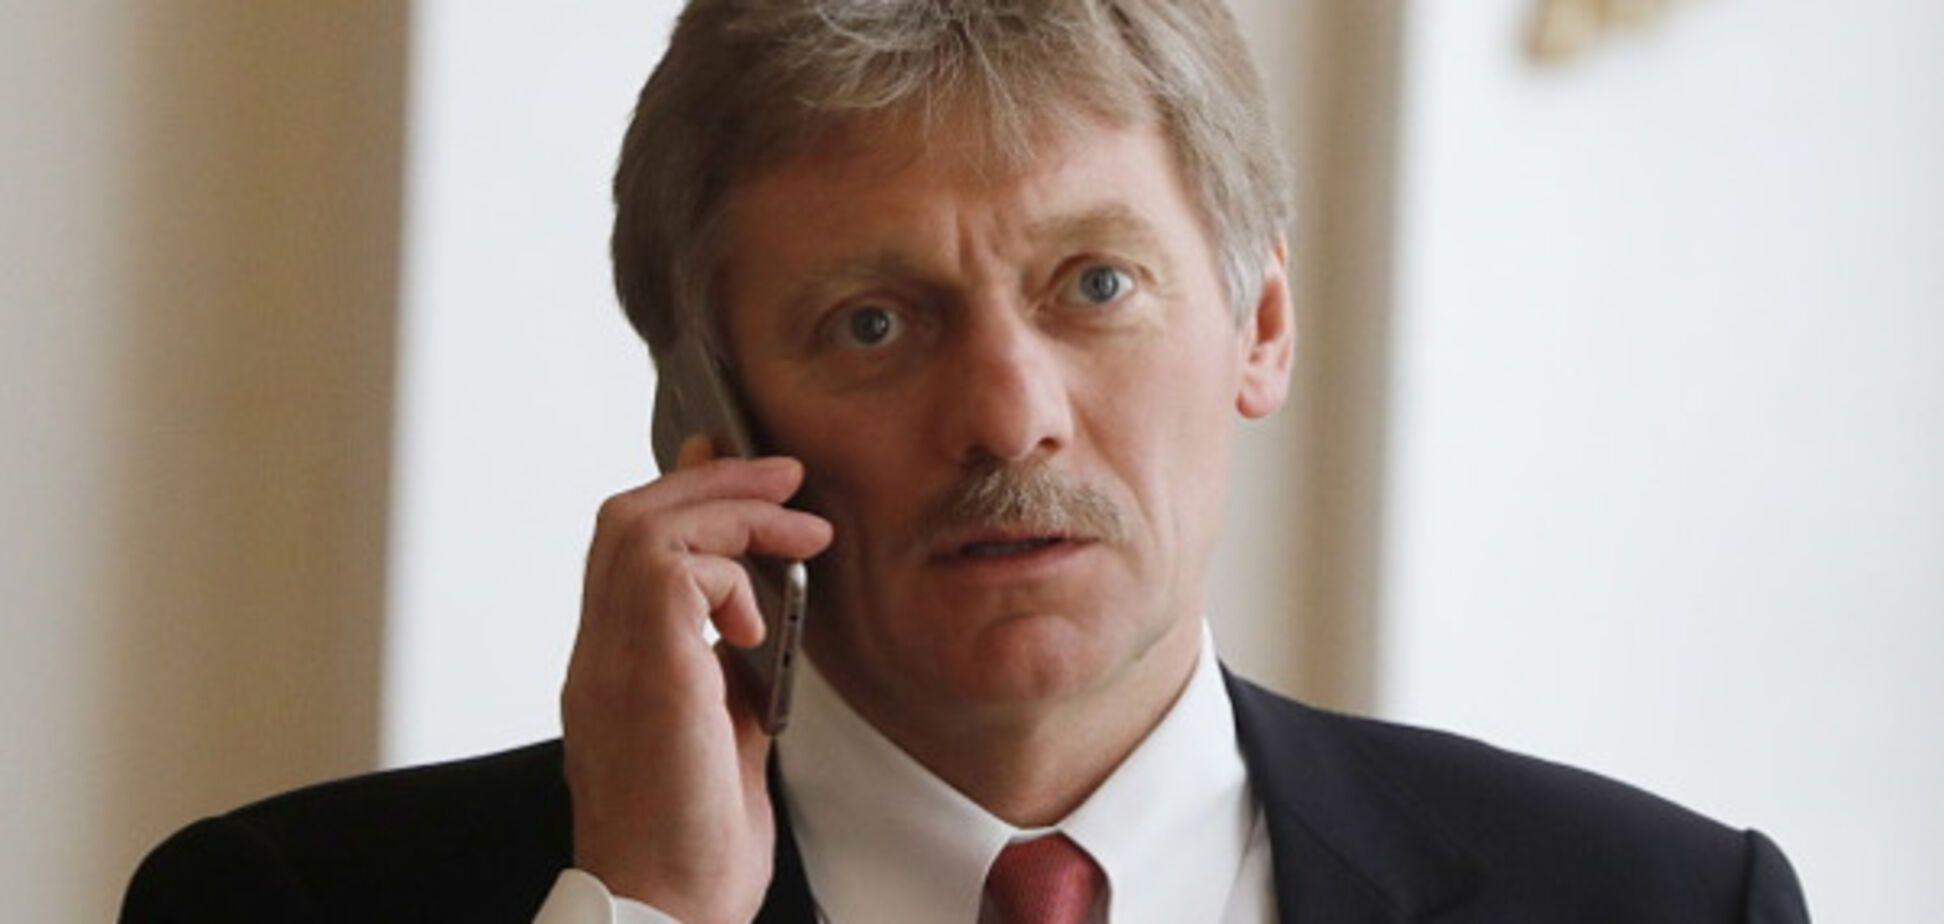 Неожиданные откровения Пескова по поводу Крыма взбудоражили соцсети